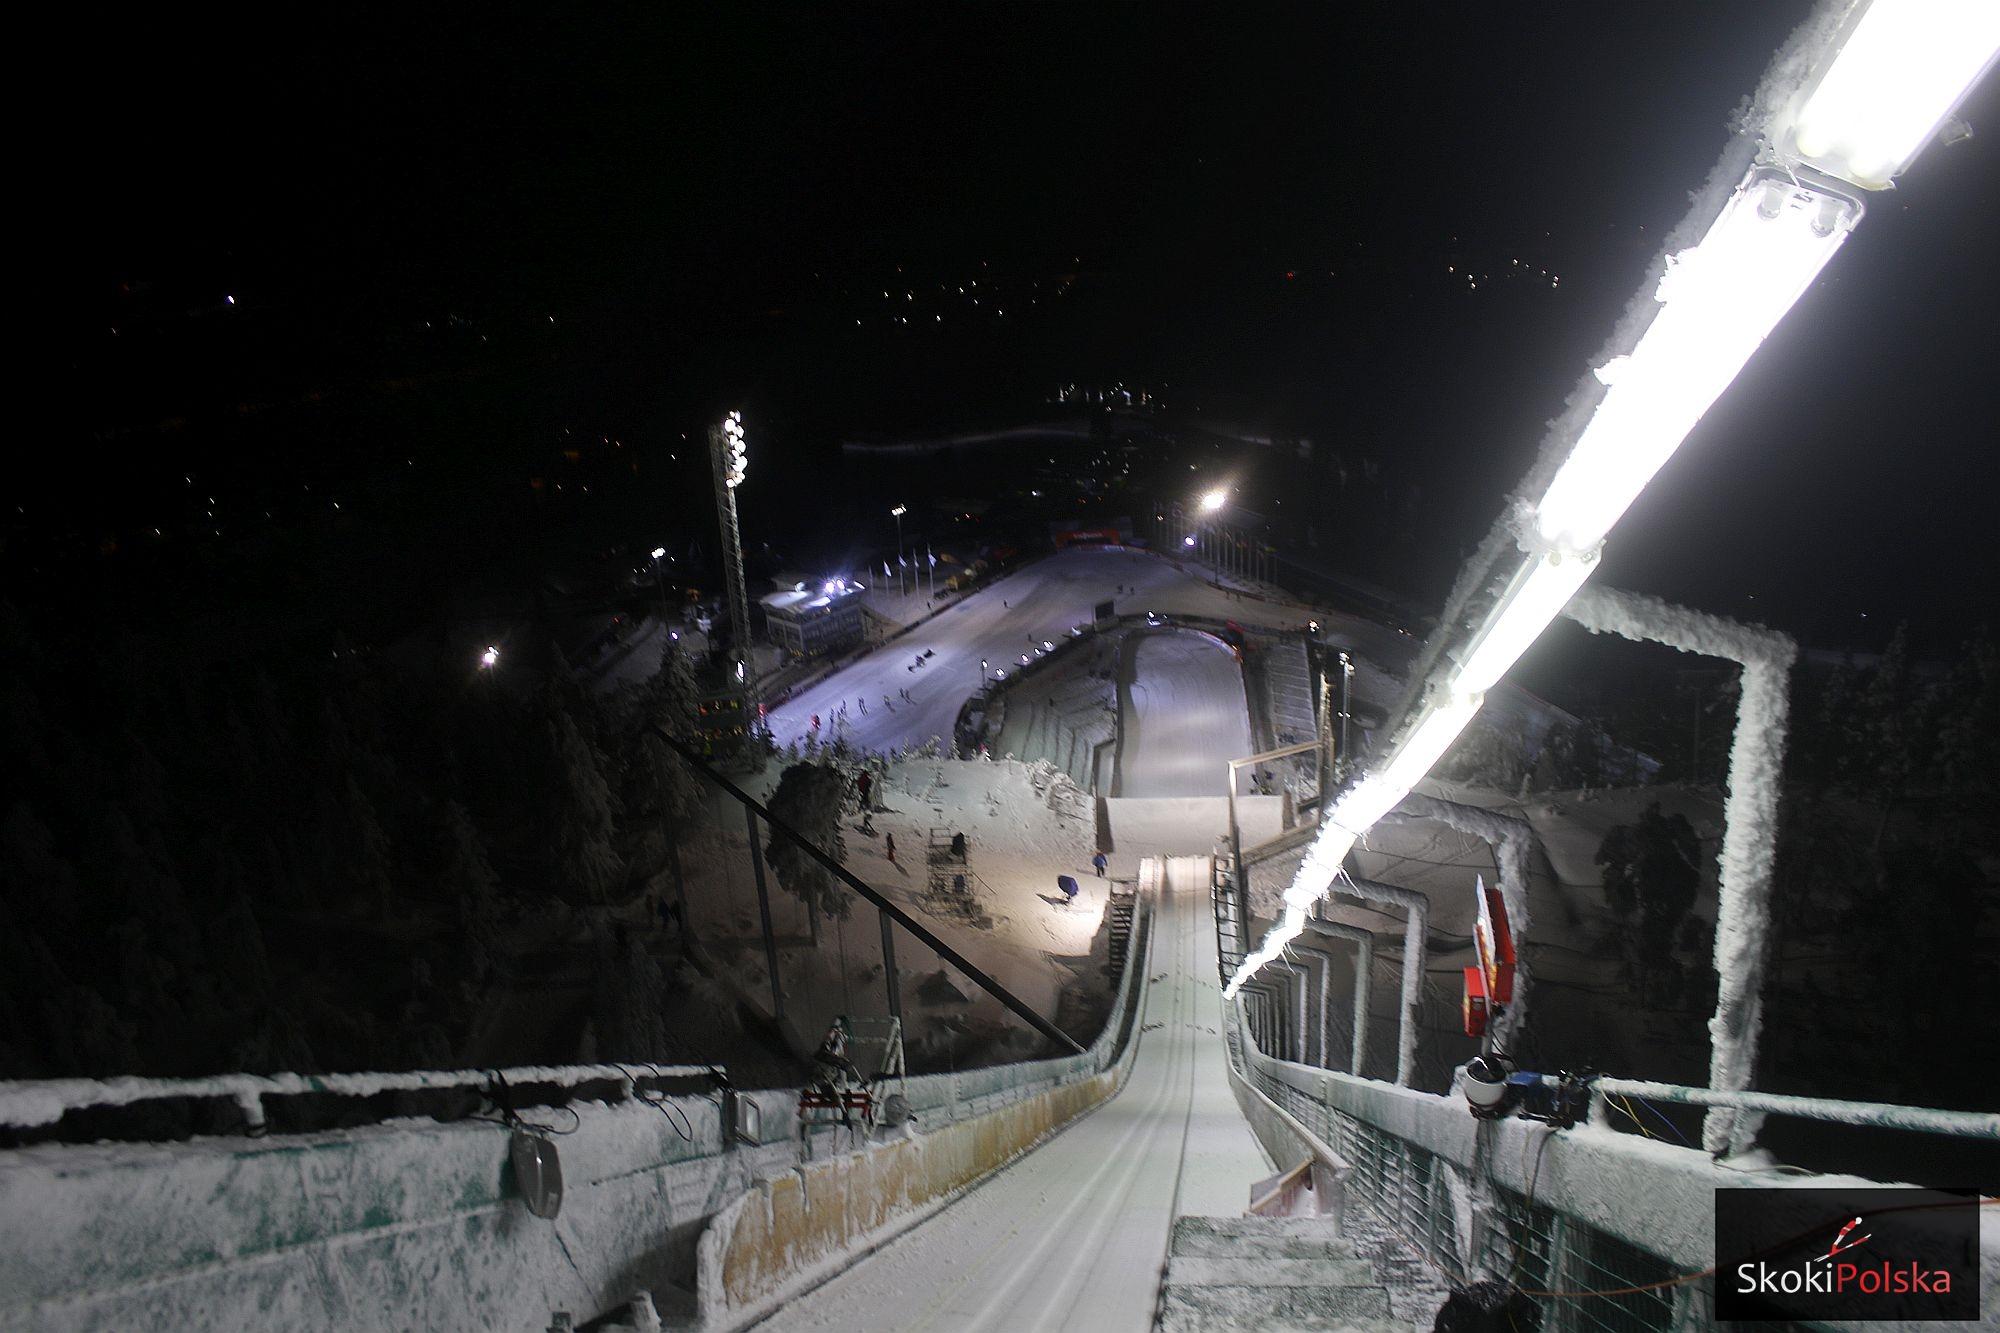 PŚ Kuusamo: Piątkowe skoki odwołane, w sobotę dwa konkursy (aktualizacja)